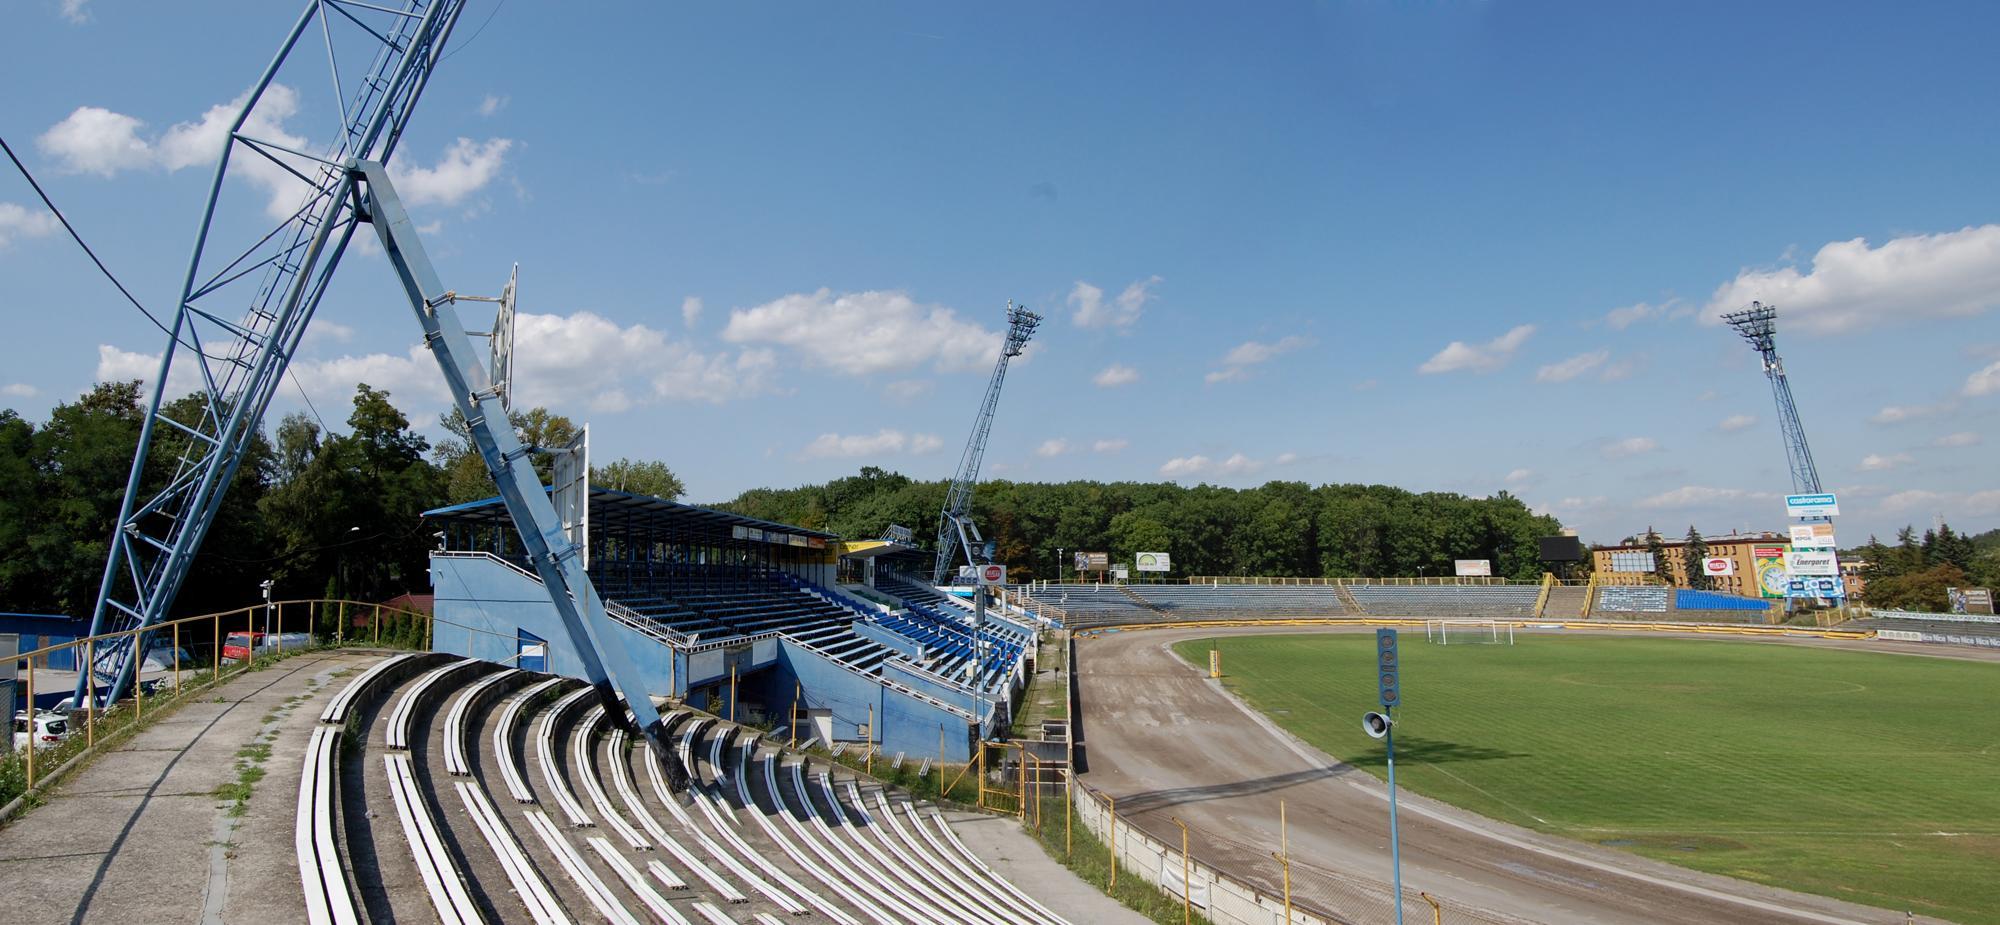 Stadion Uniii Tarnów